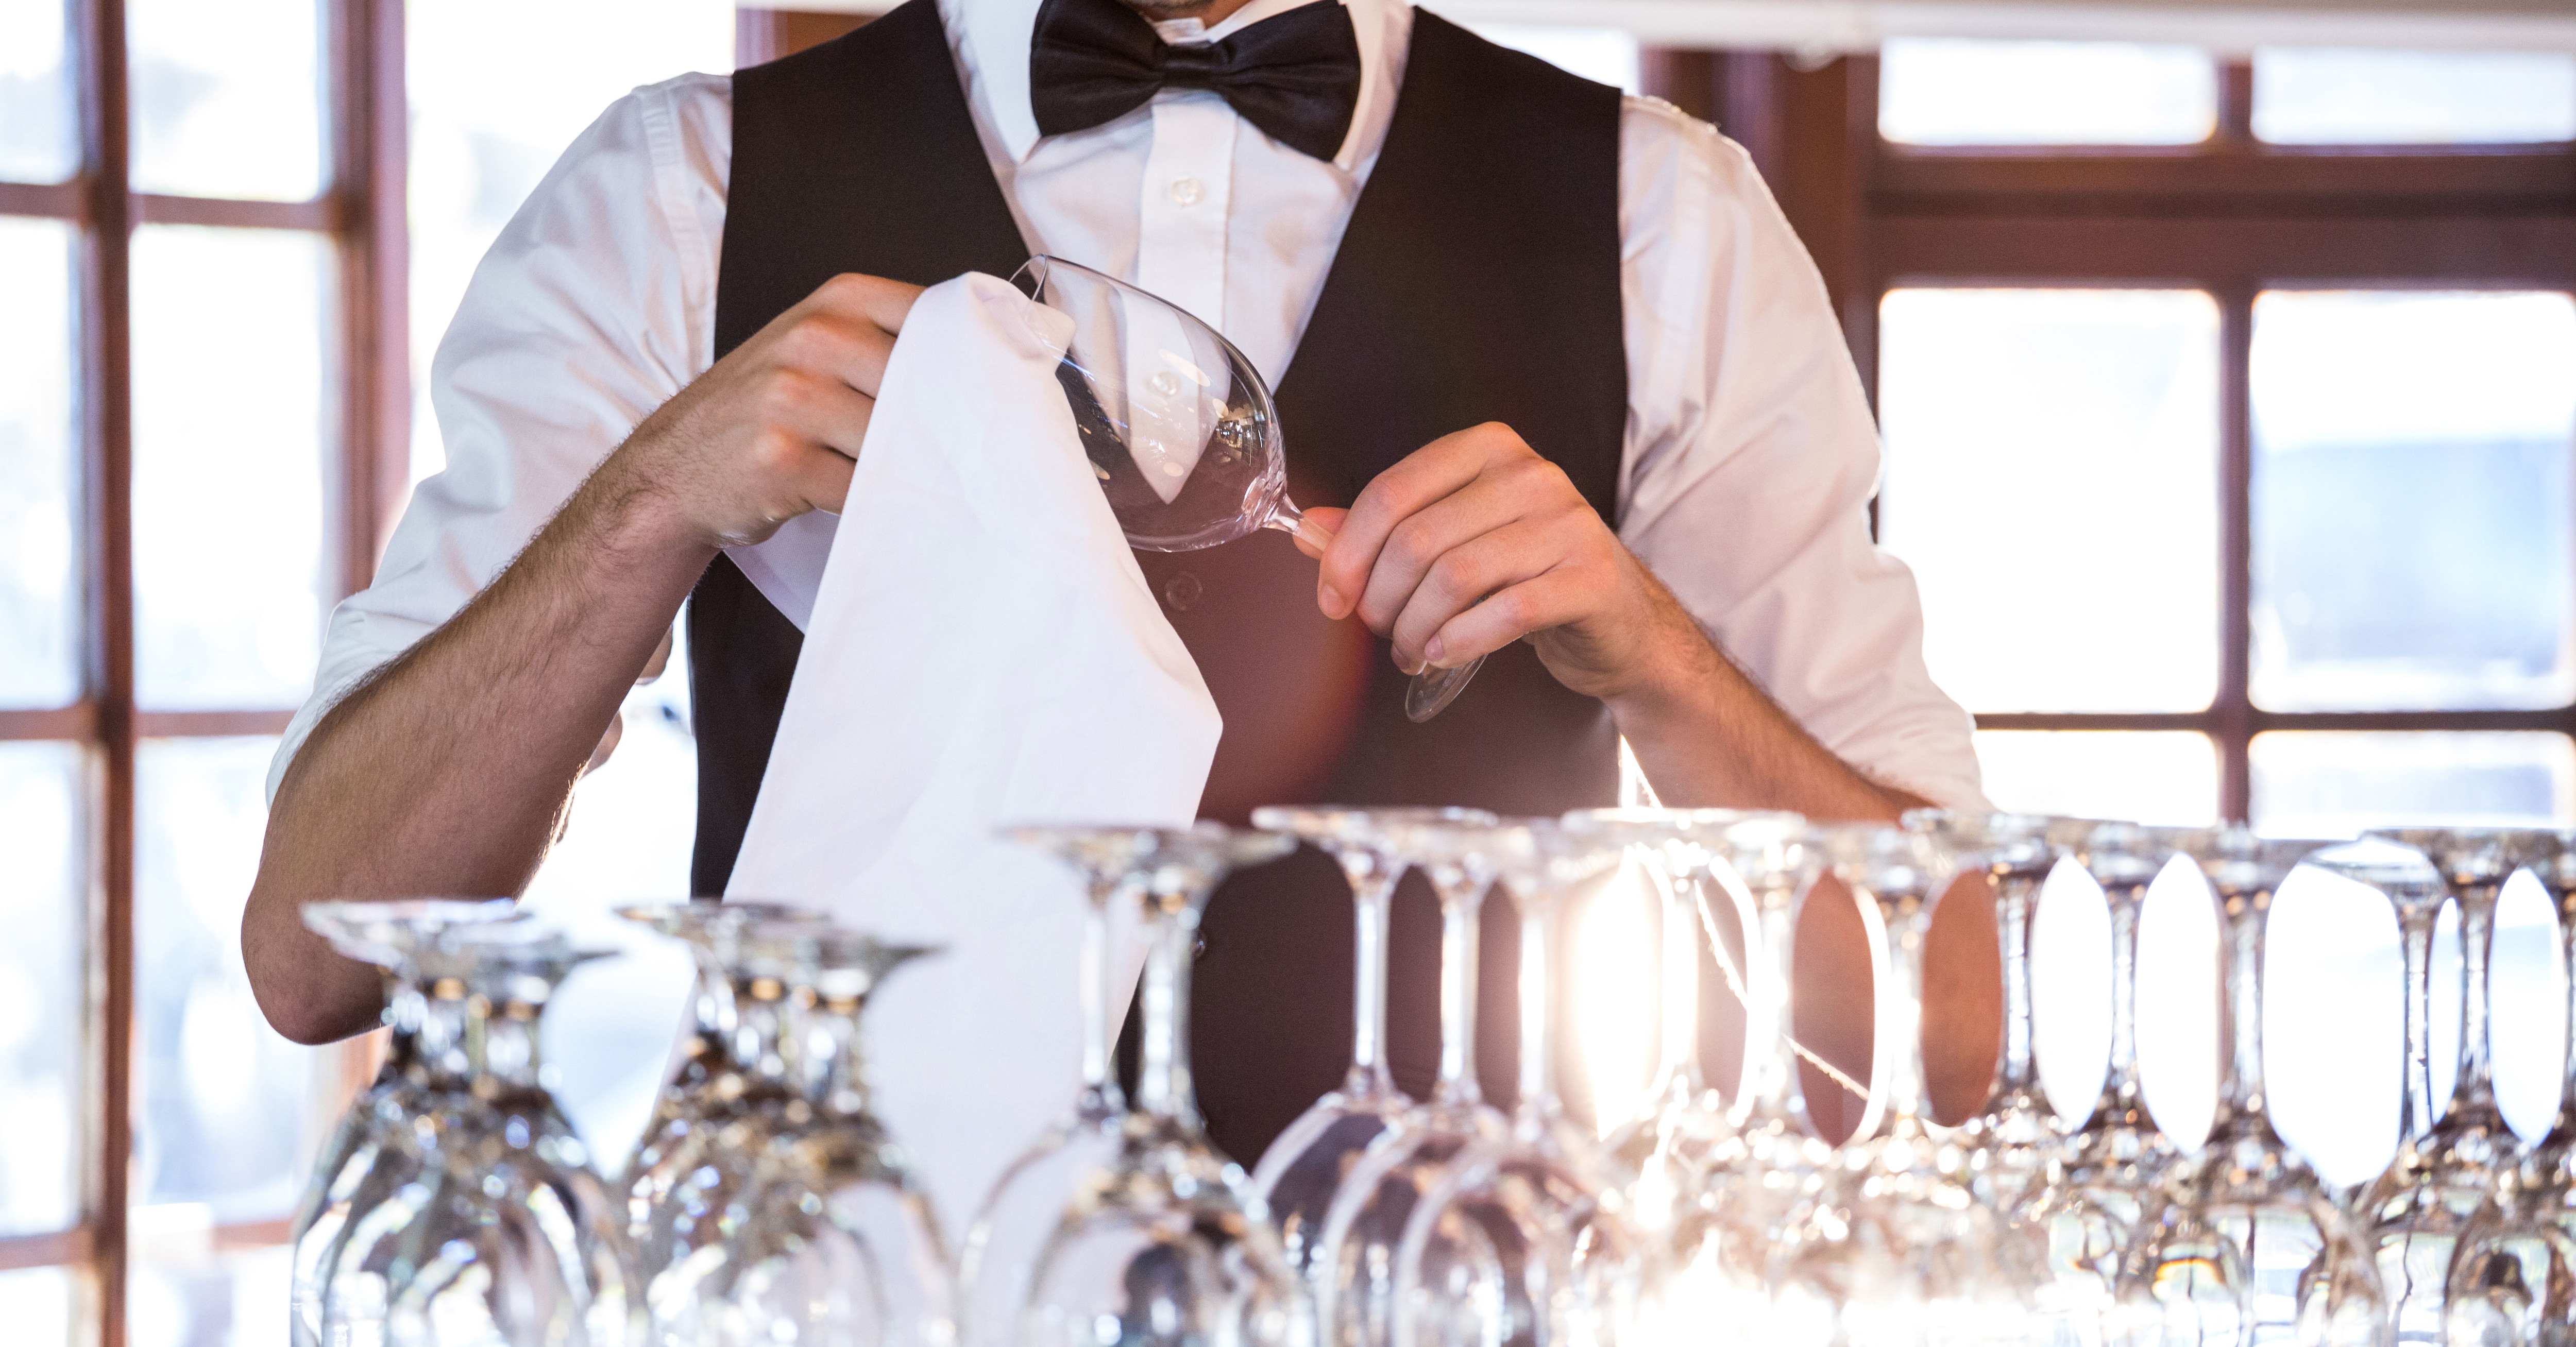 Restaurant Bartender Drying Wine Glasses